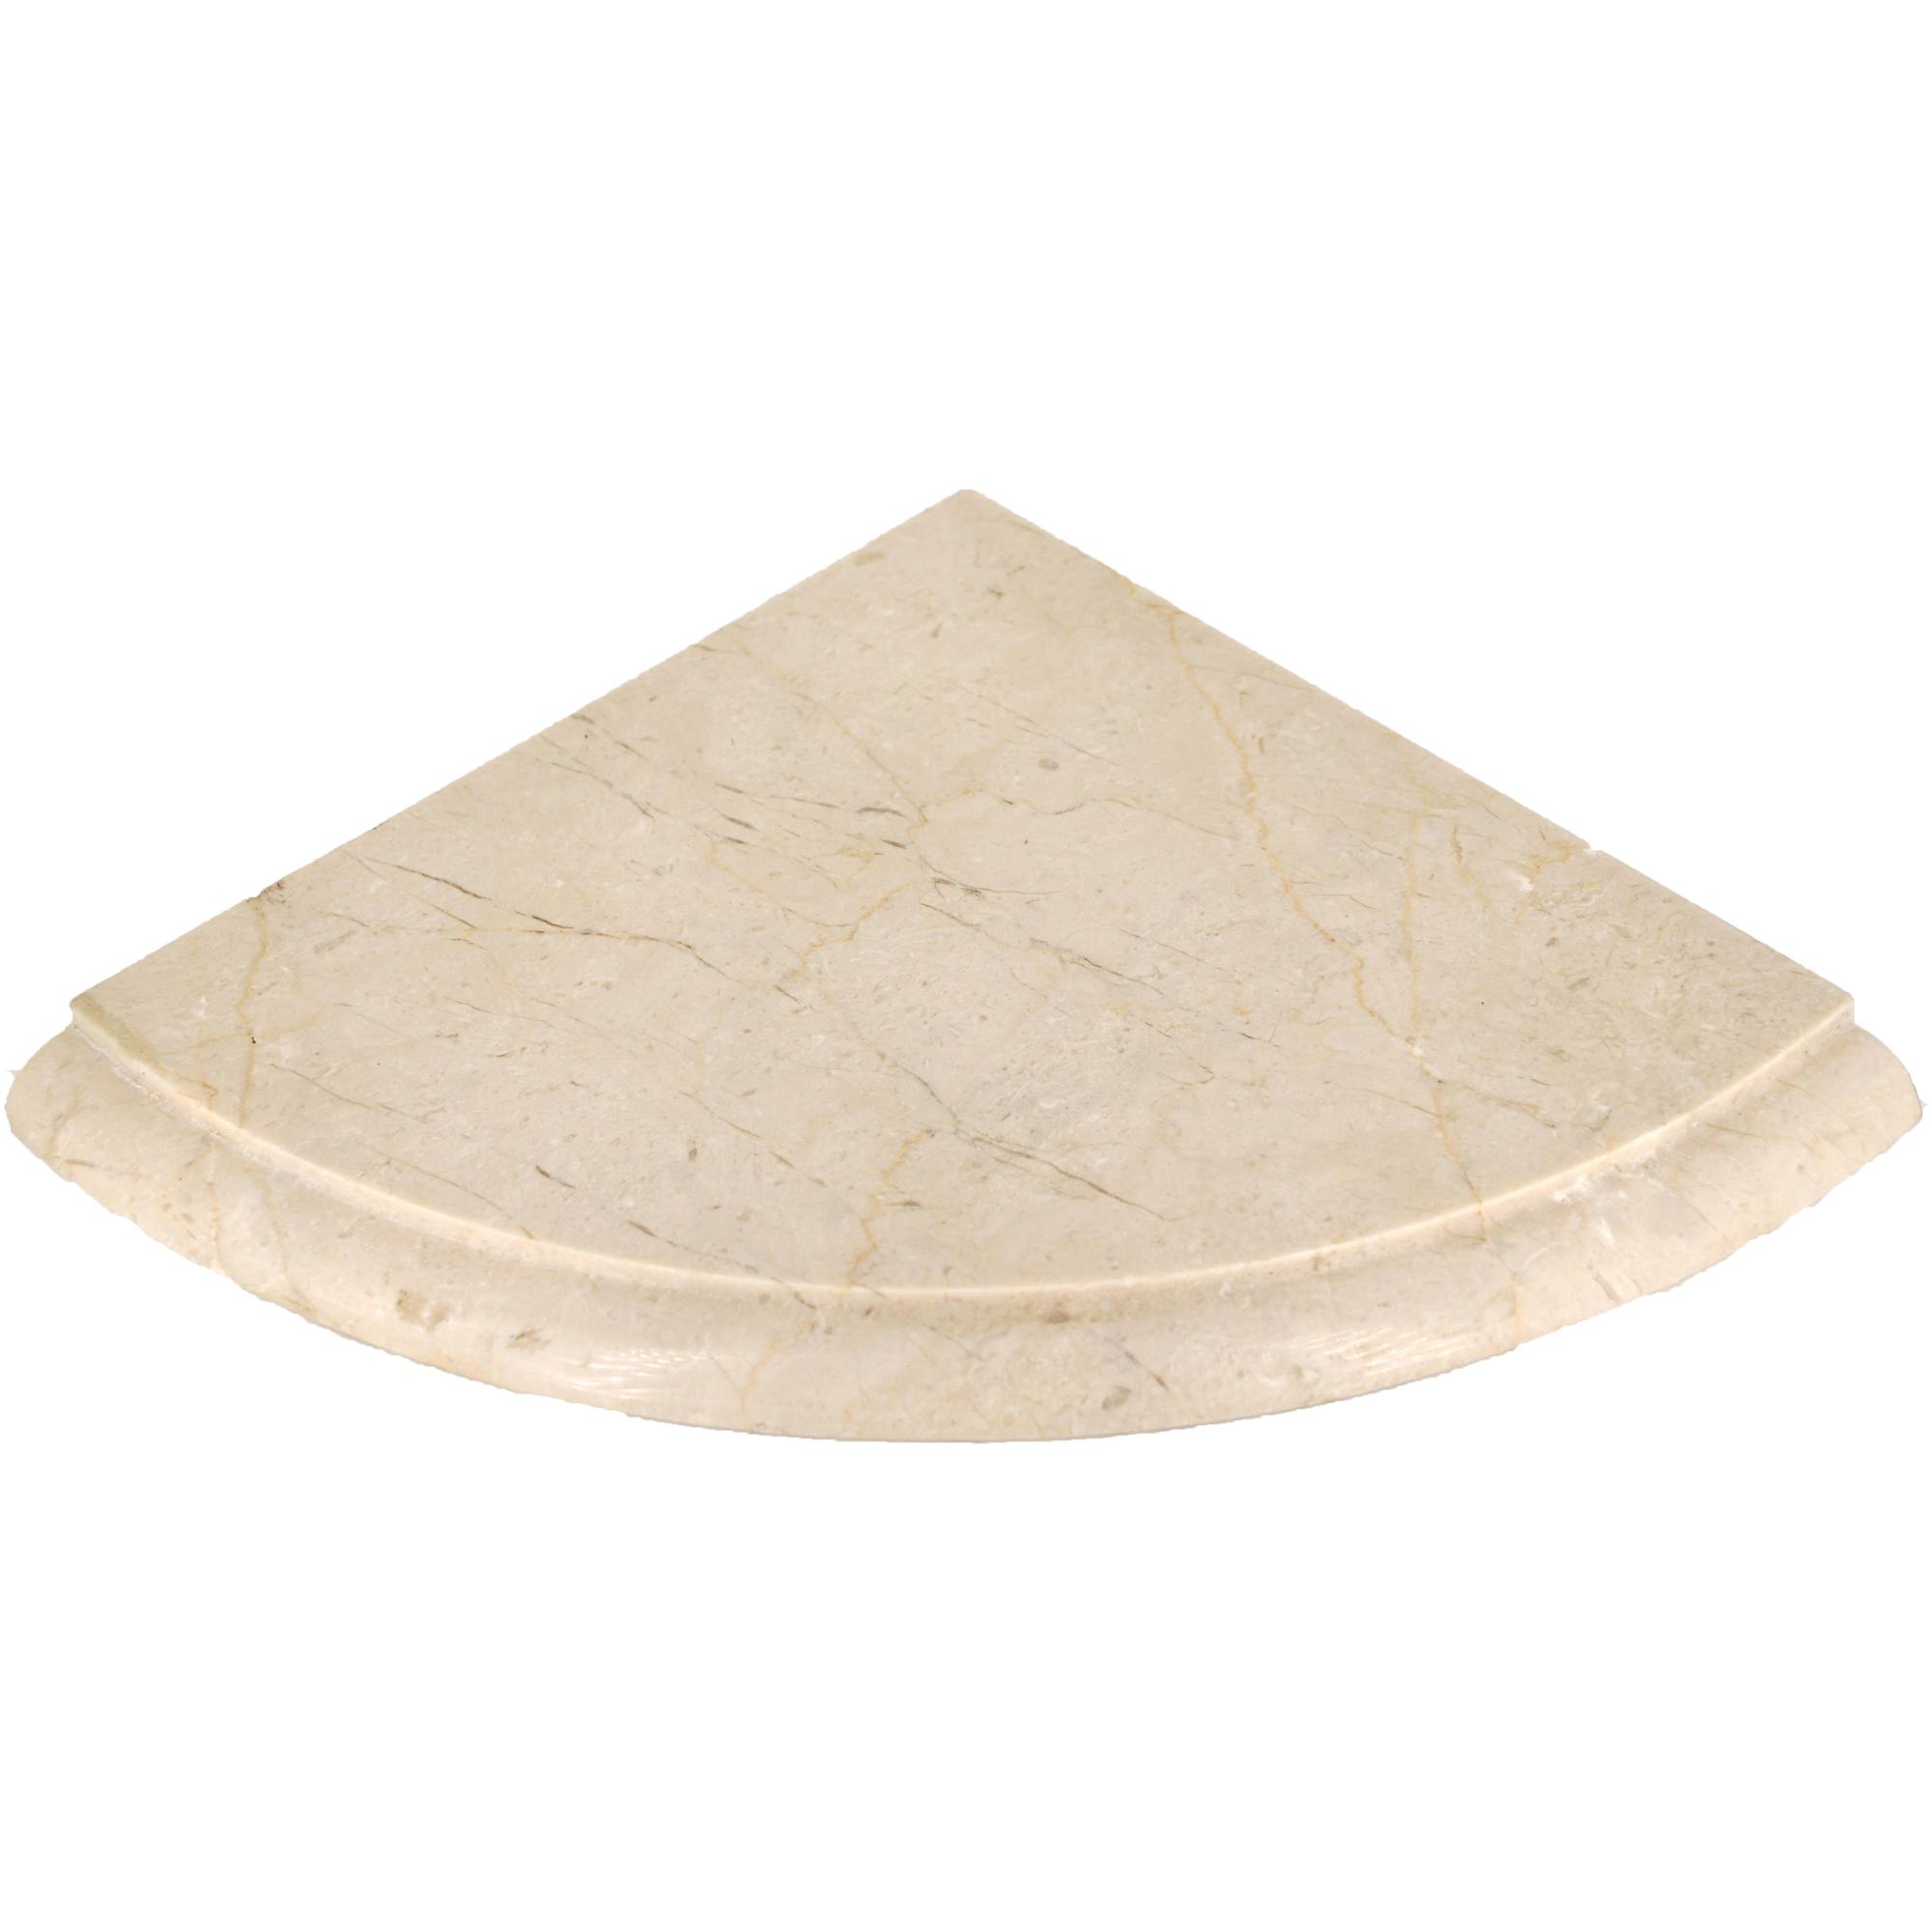 Shower shelves ivory travertine polished 8 x 8 polished for Bella casa tiles